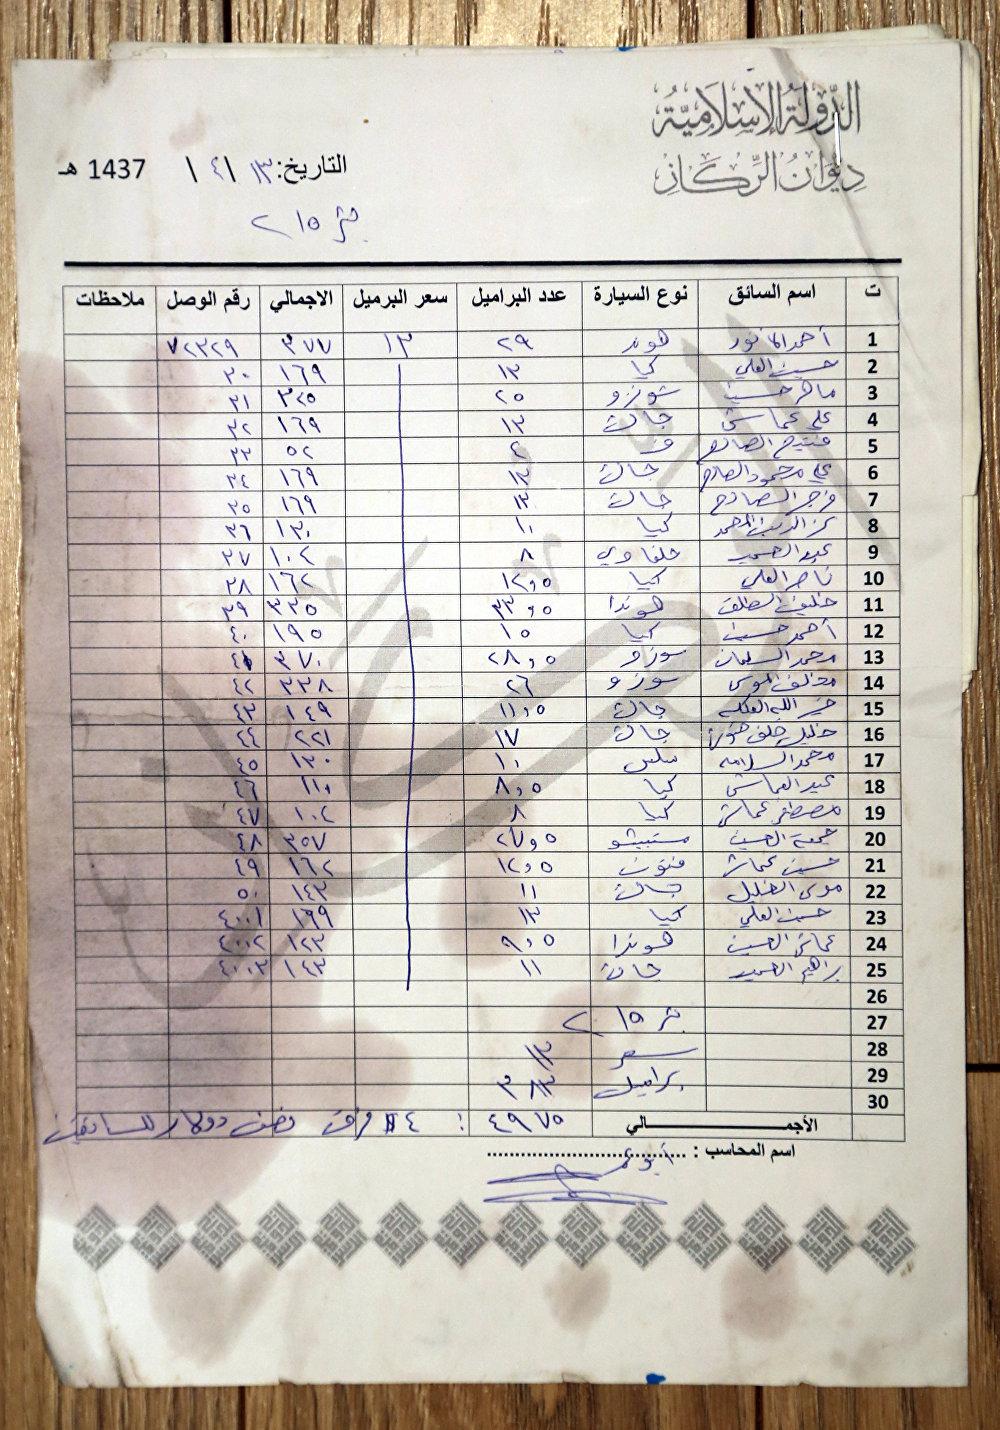 从IS控制区将石油运往各地的司机和车辆名单